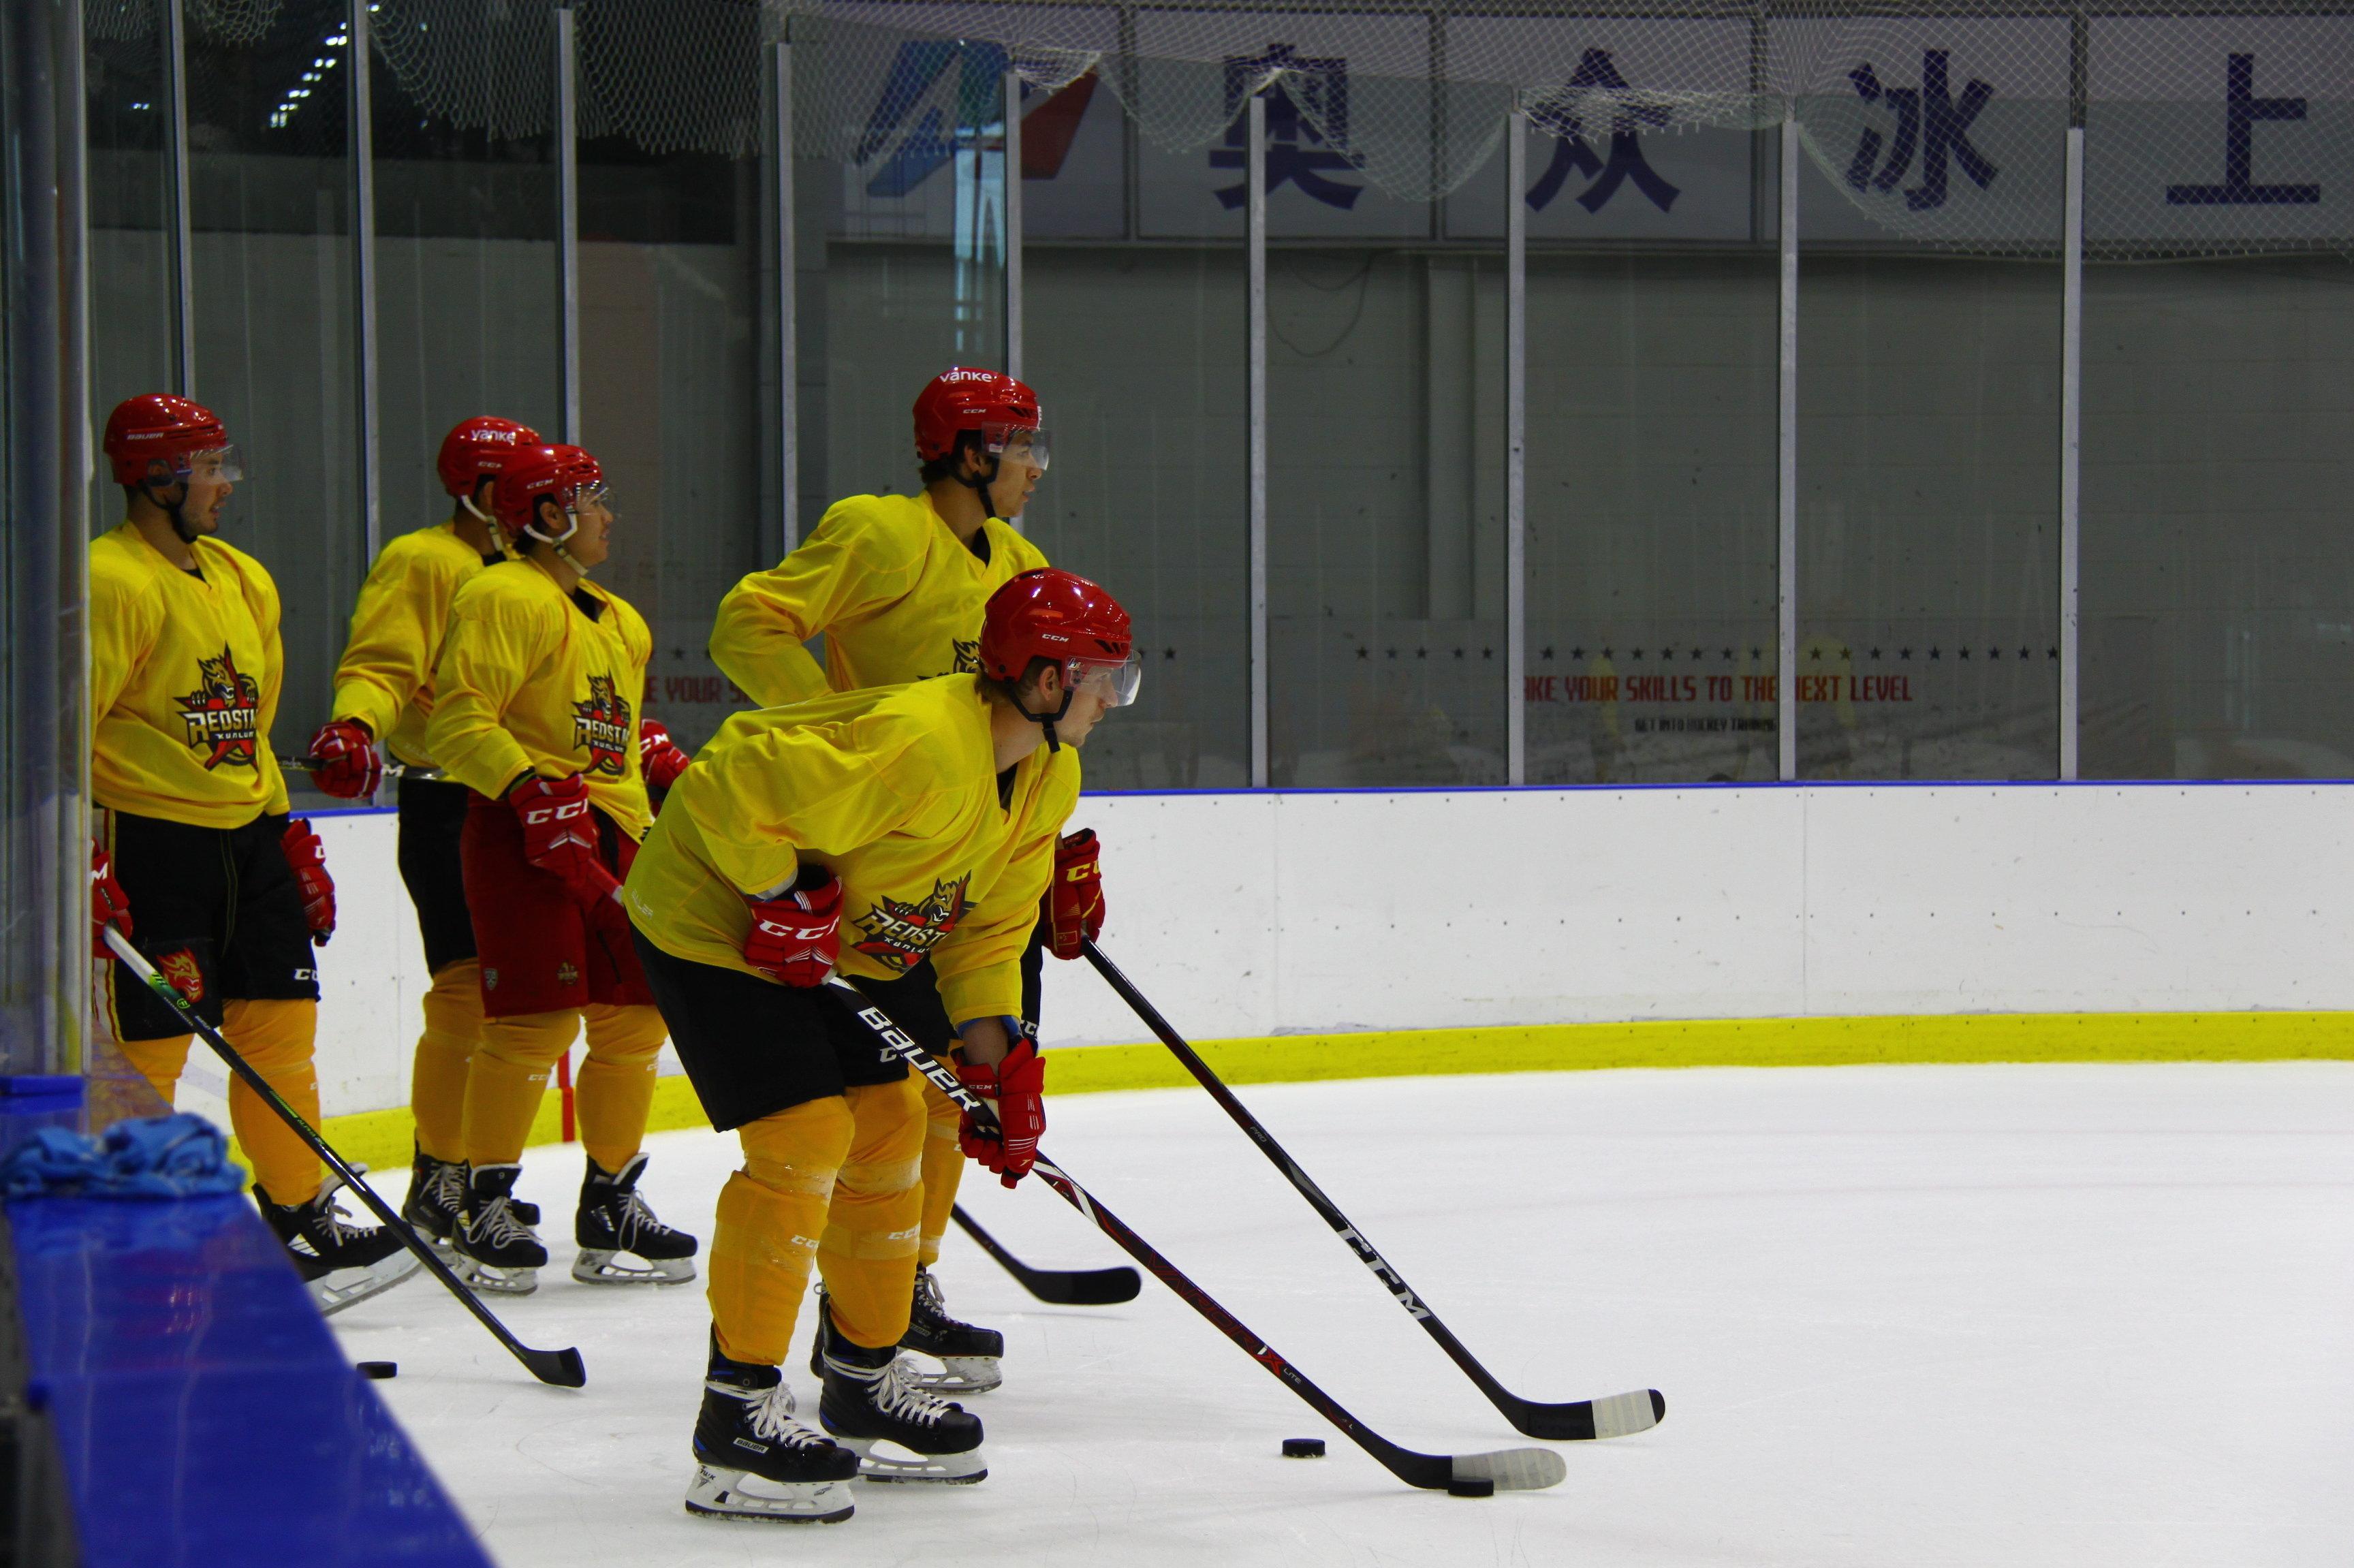 俄冰球名宿:中国冰球运动将在北京冬奥会后继续保持发展